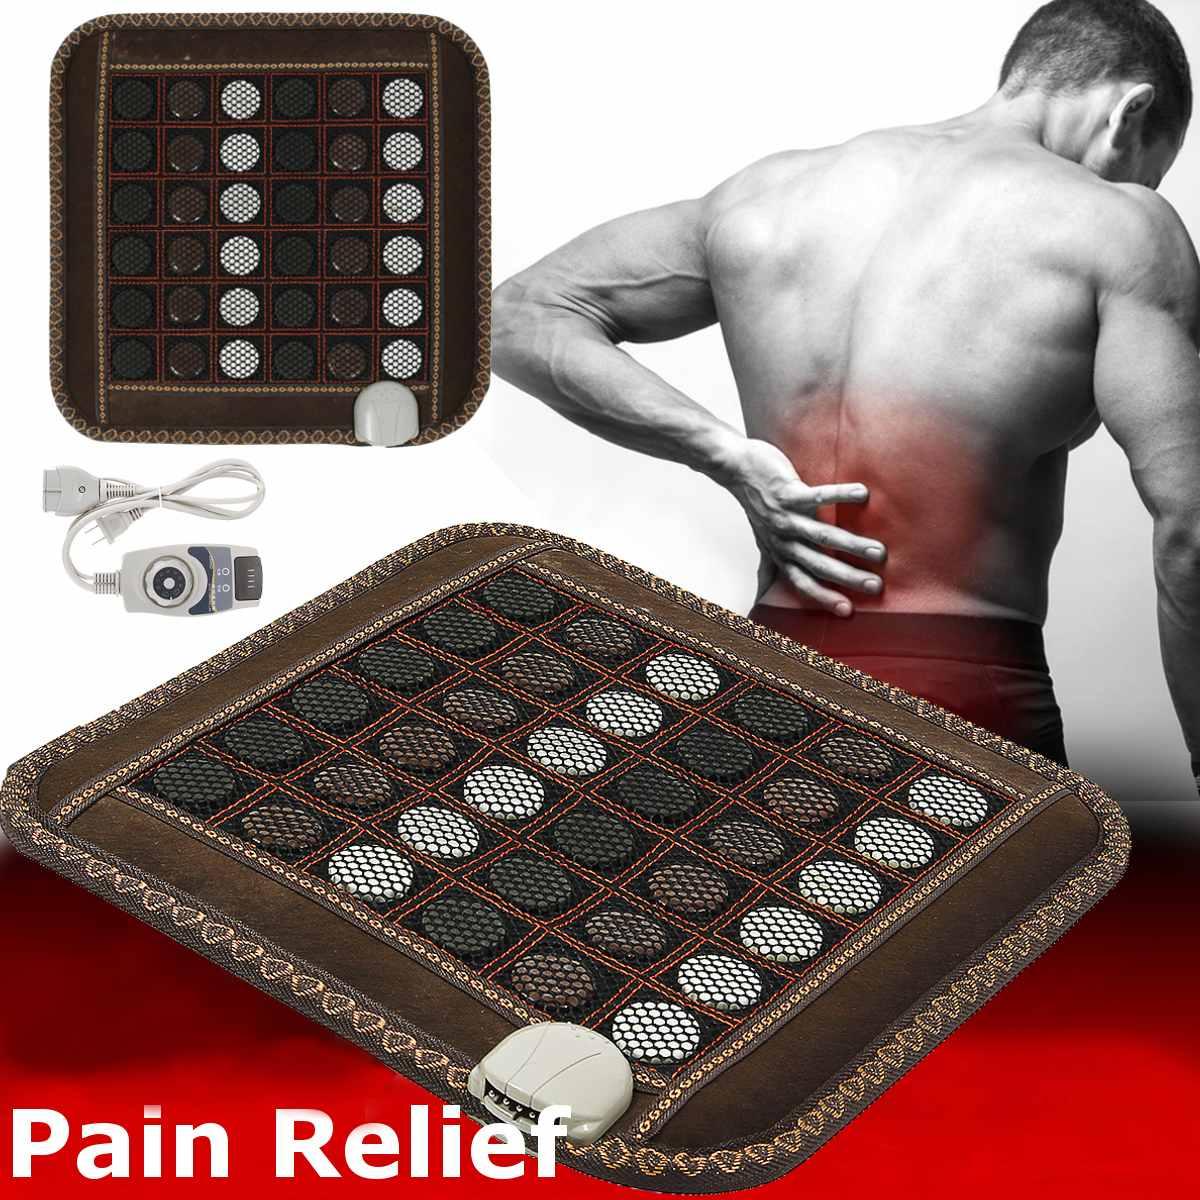 Colchoneta de masaje con calor Jade Natural turmalina infrarroja almohadilla de asiento de piedra alivio del dolor Relax terapia Mat espalda hombro pierna músculo cuerpo